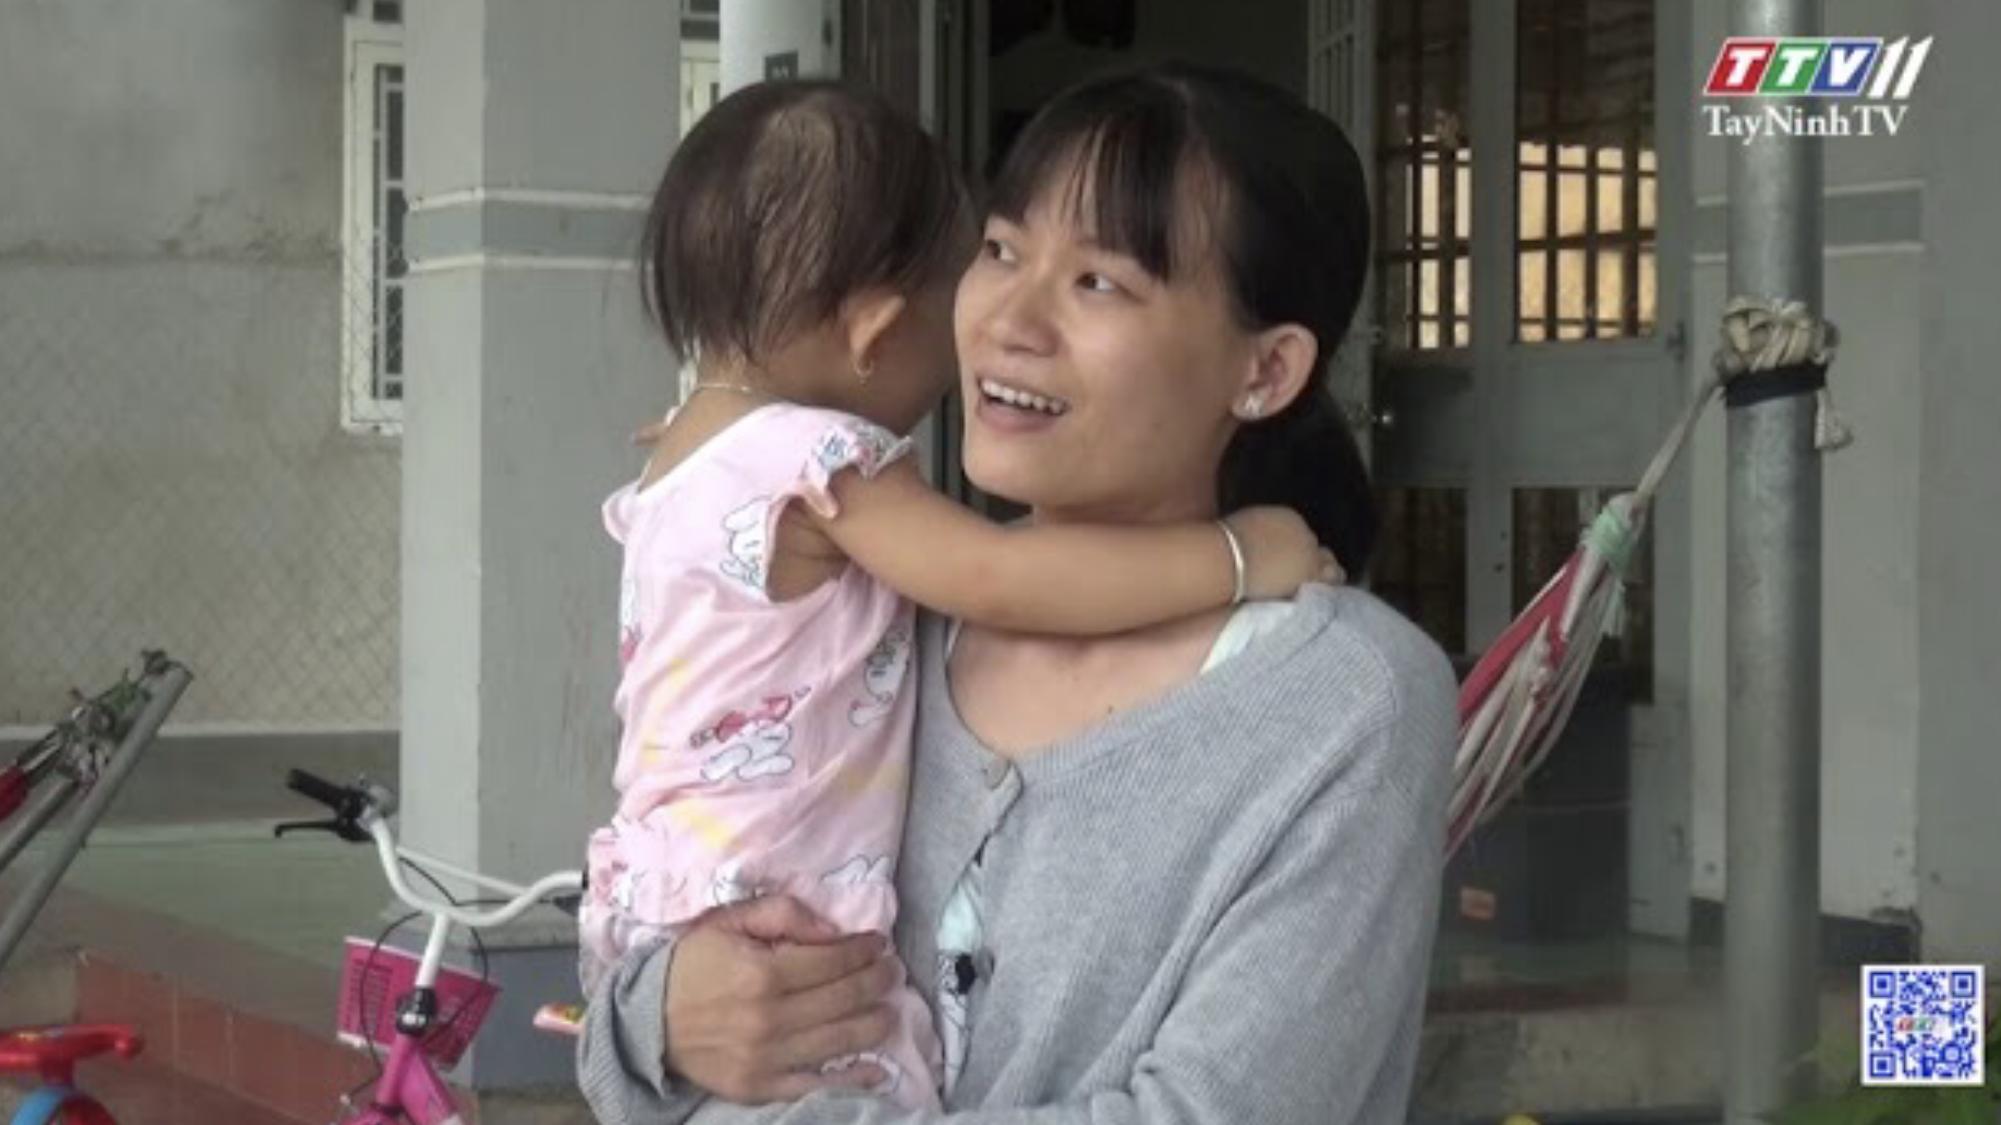 Huyện Dương Minh Châu lan tỏa phong trào bảo vệ môi trường | Thông tin từ cơ sở | TâyNinhTV